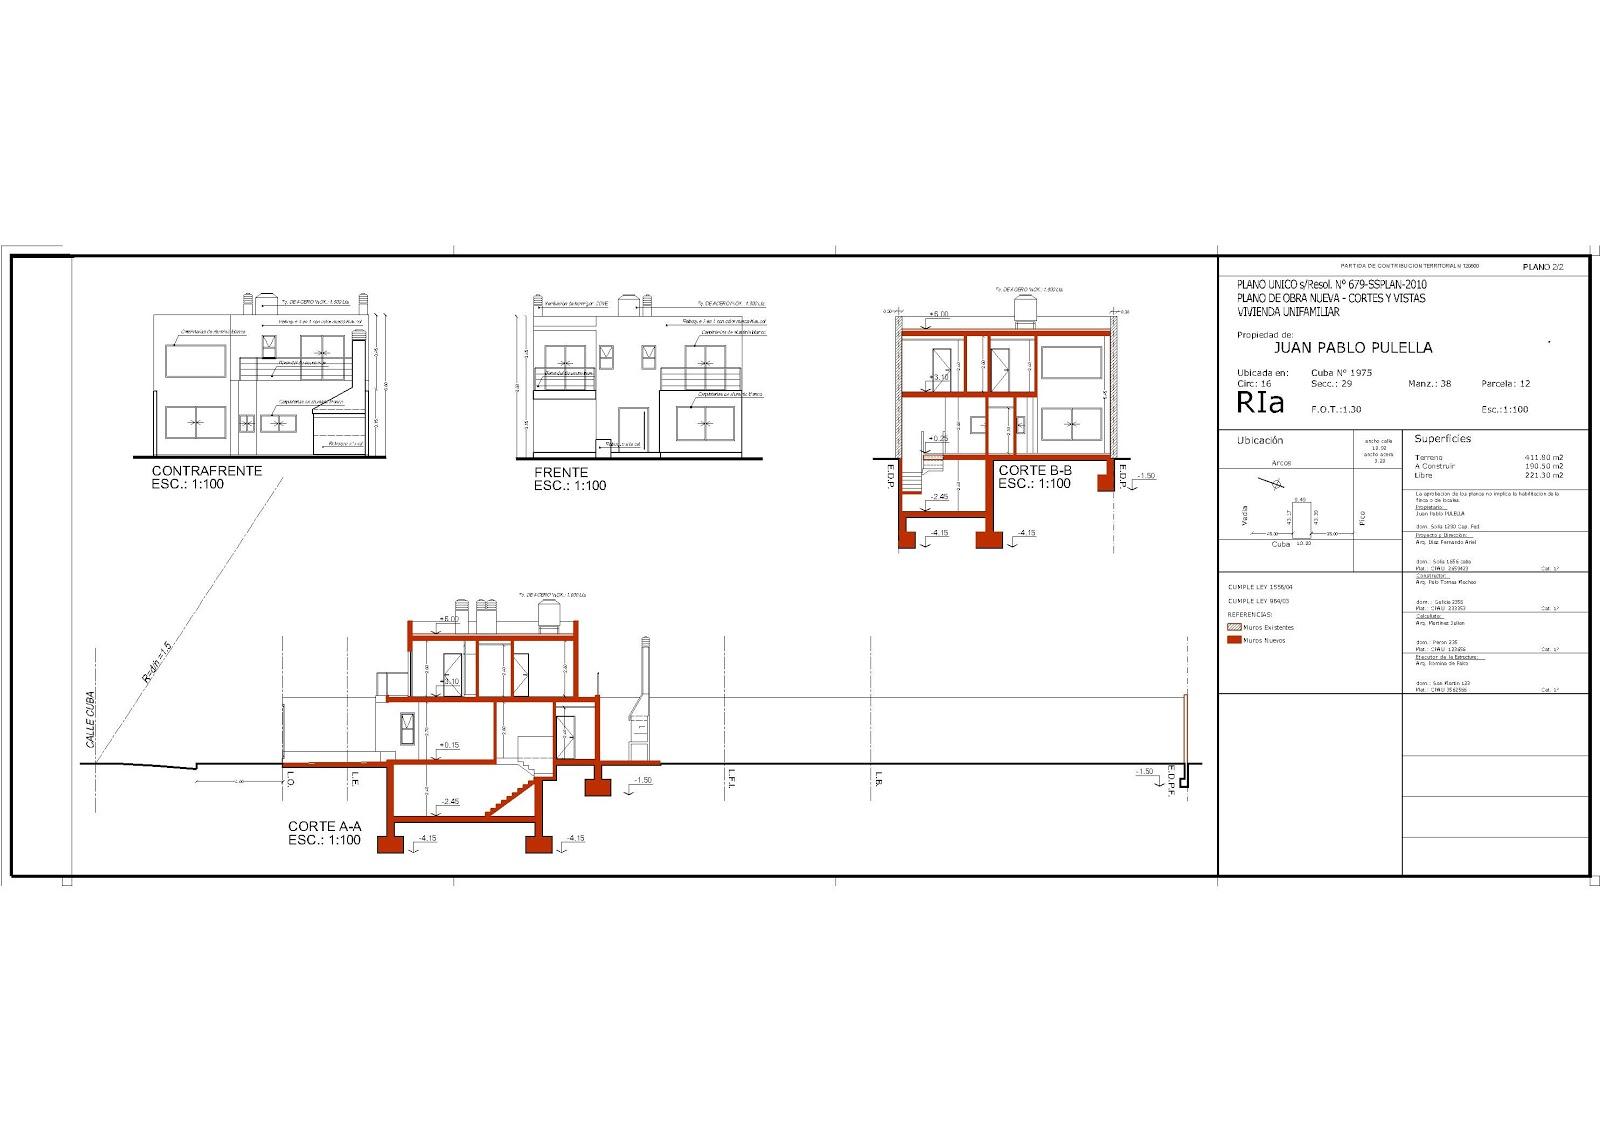 Direccion y legislacion de obra plano municipal plano for Planos en linea